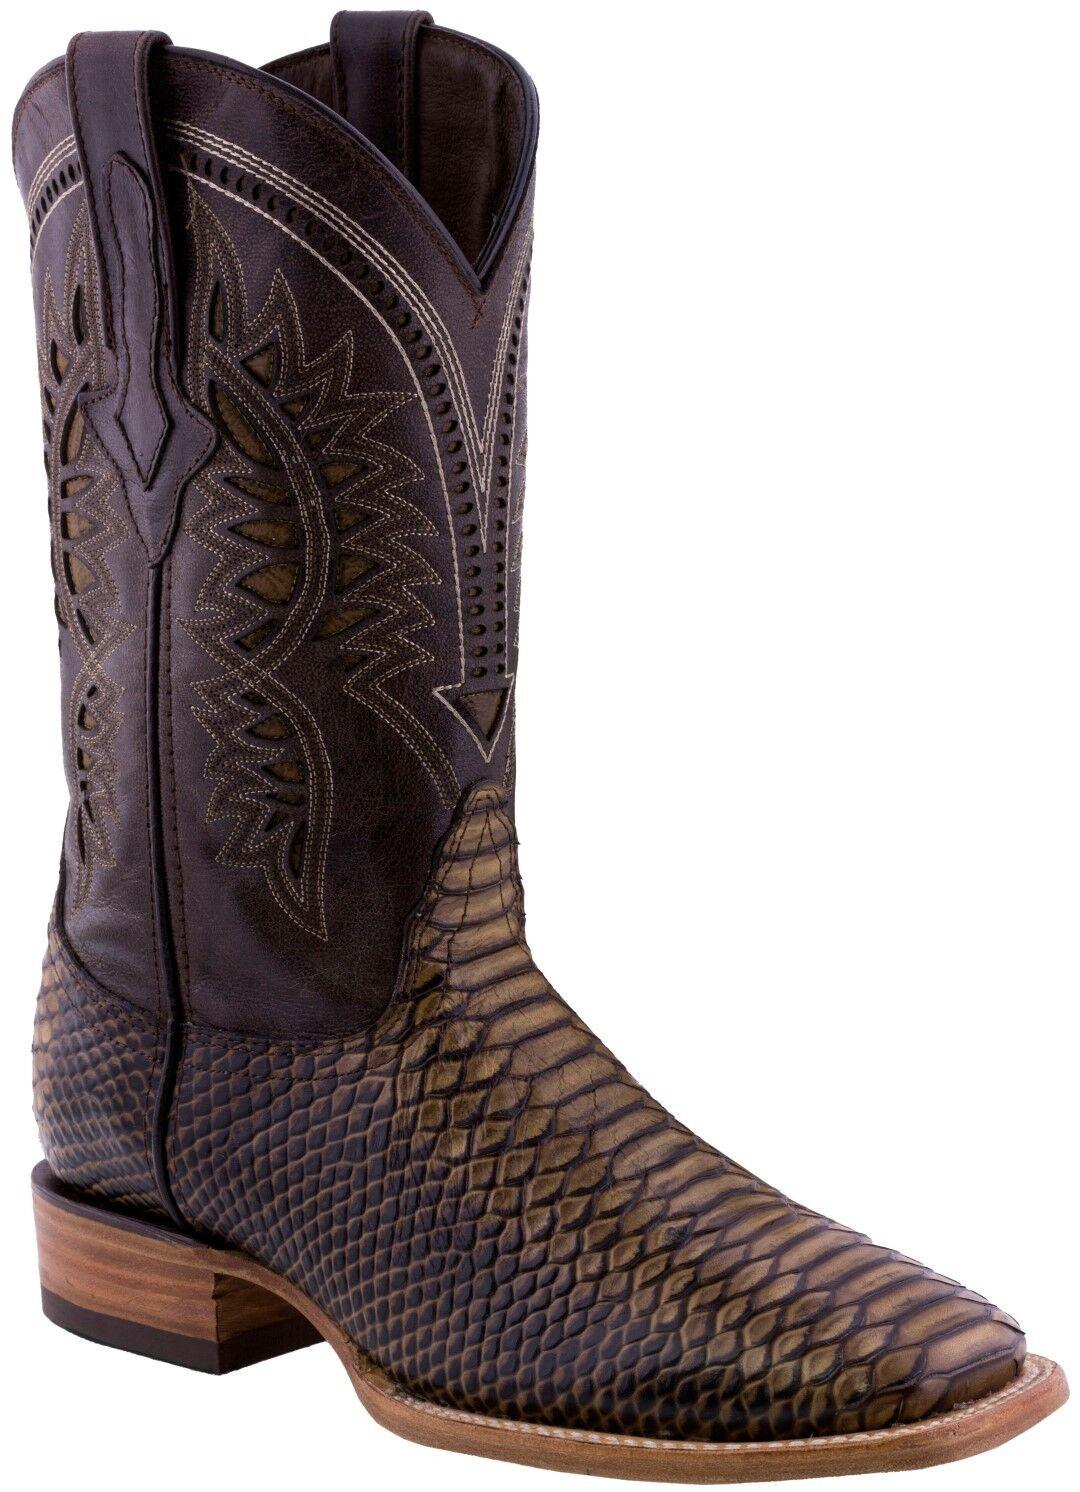 Para hombres Cuero Patrón De Serpiente Rústico Arena Python botas de vaquero Puntera Cuadrada Casual